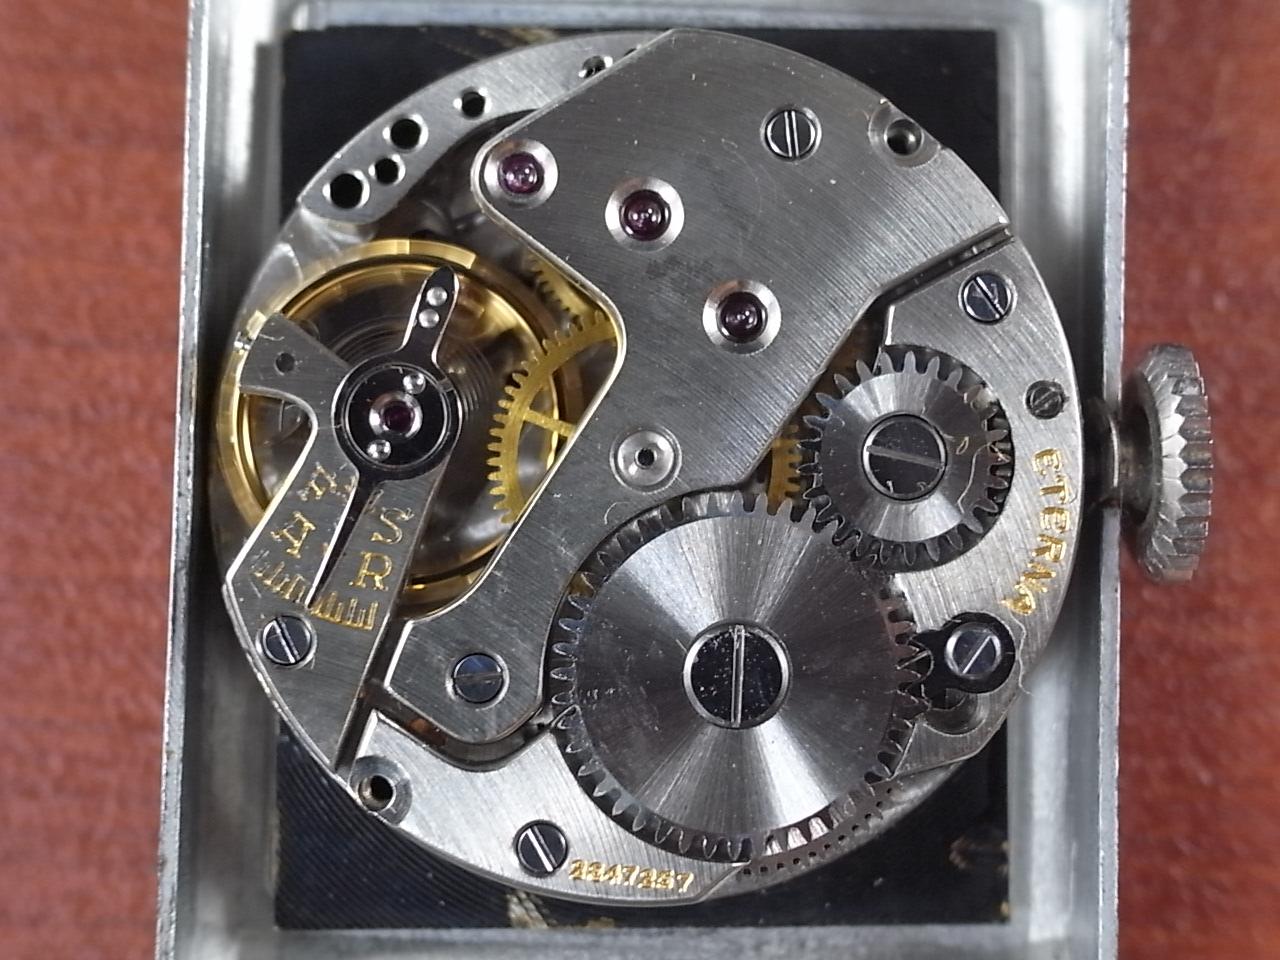 エテルナ レクタンギュラー 未使用品 ブラックミラーダイアル 1930年代の写真5枚目